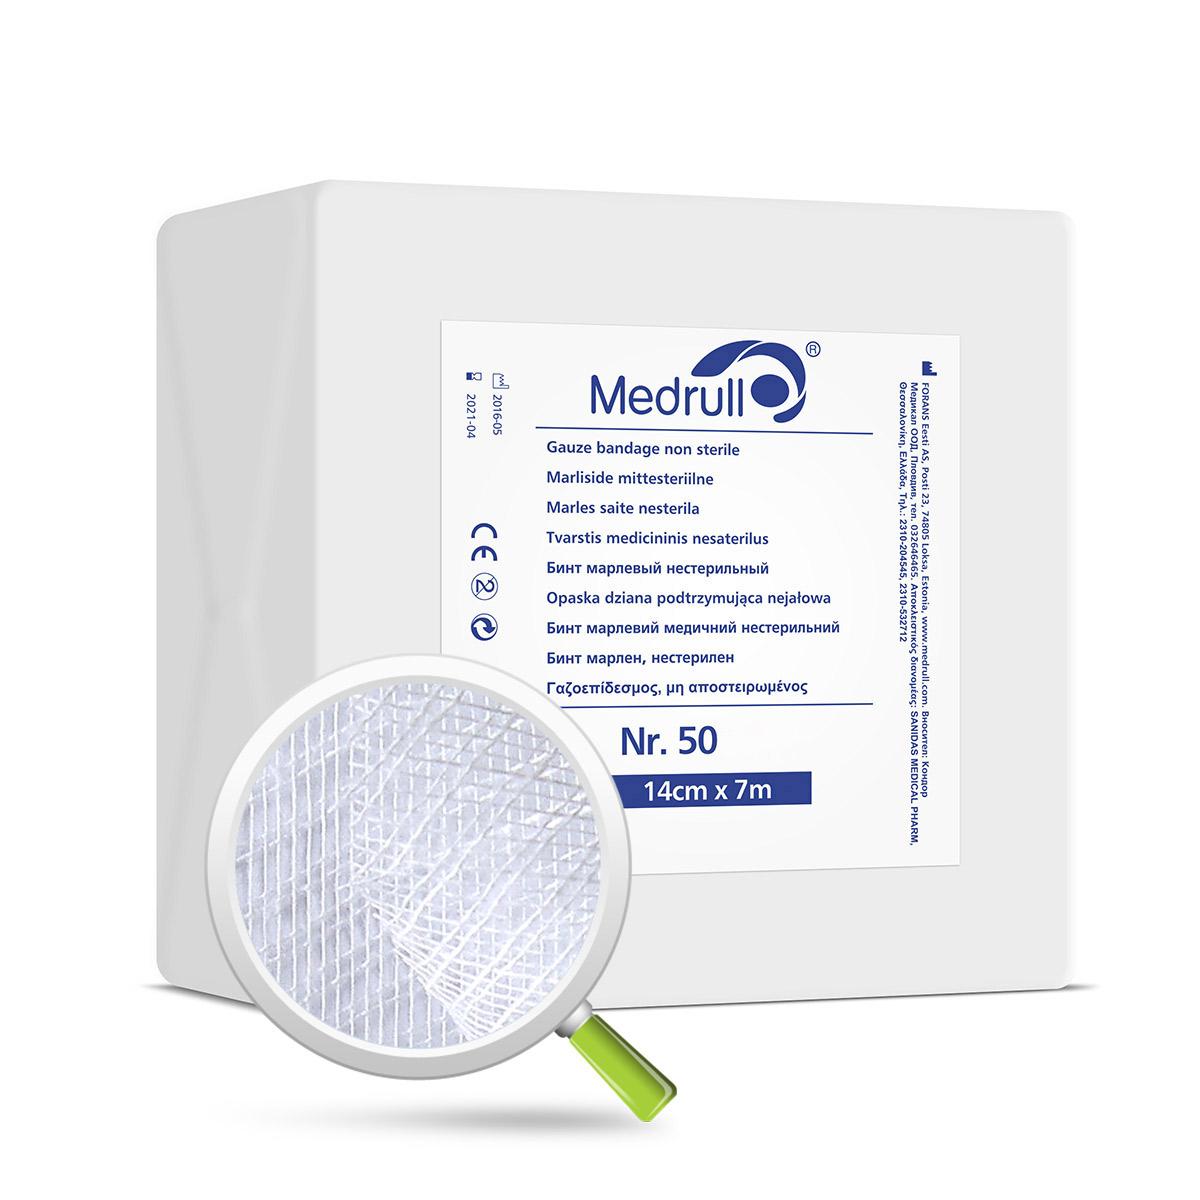 Medrull Бинт марлевый фиксирующий нестерильный, 7м х 14см, групповая упаковка № 50